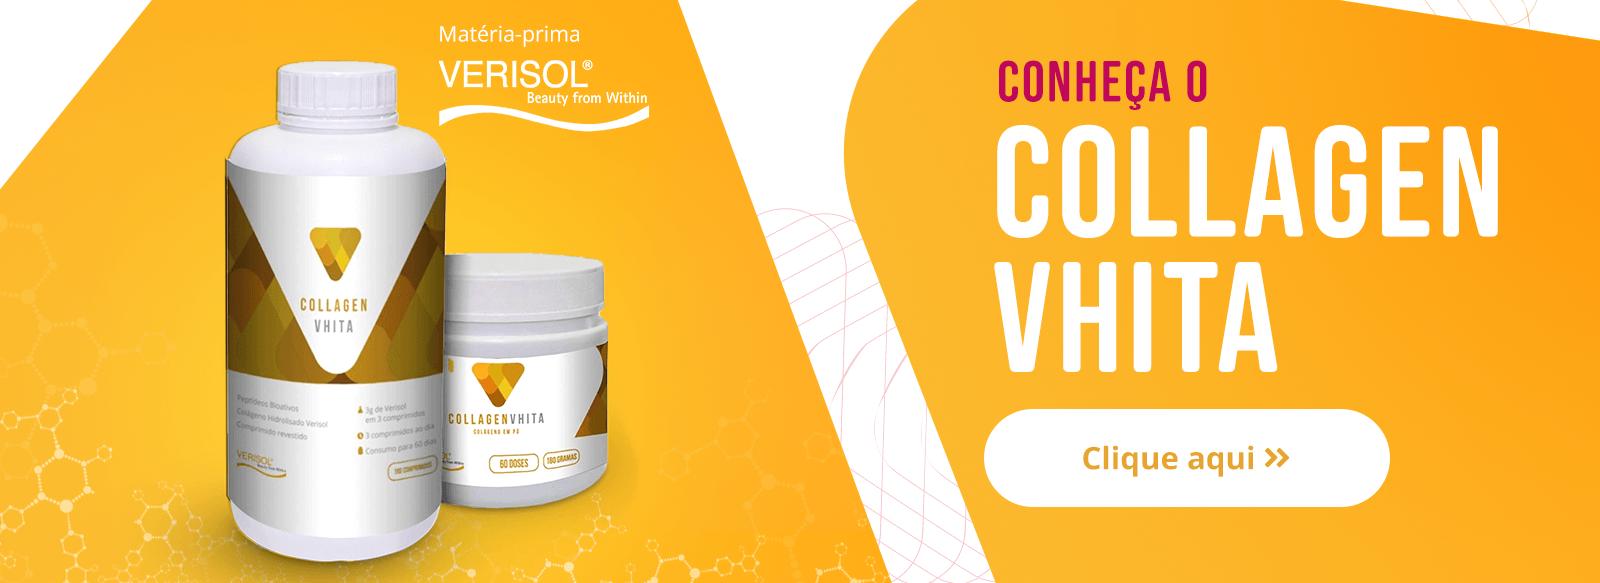 Colágeno hidrolisado melhor marca - Collagen vhita.